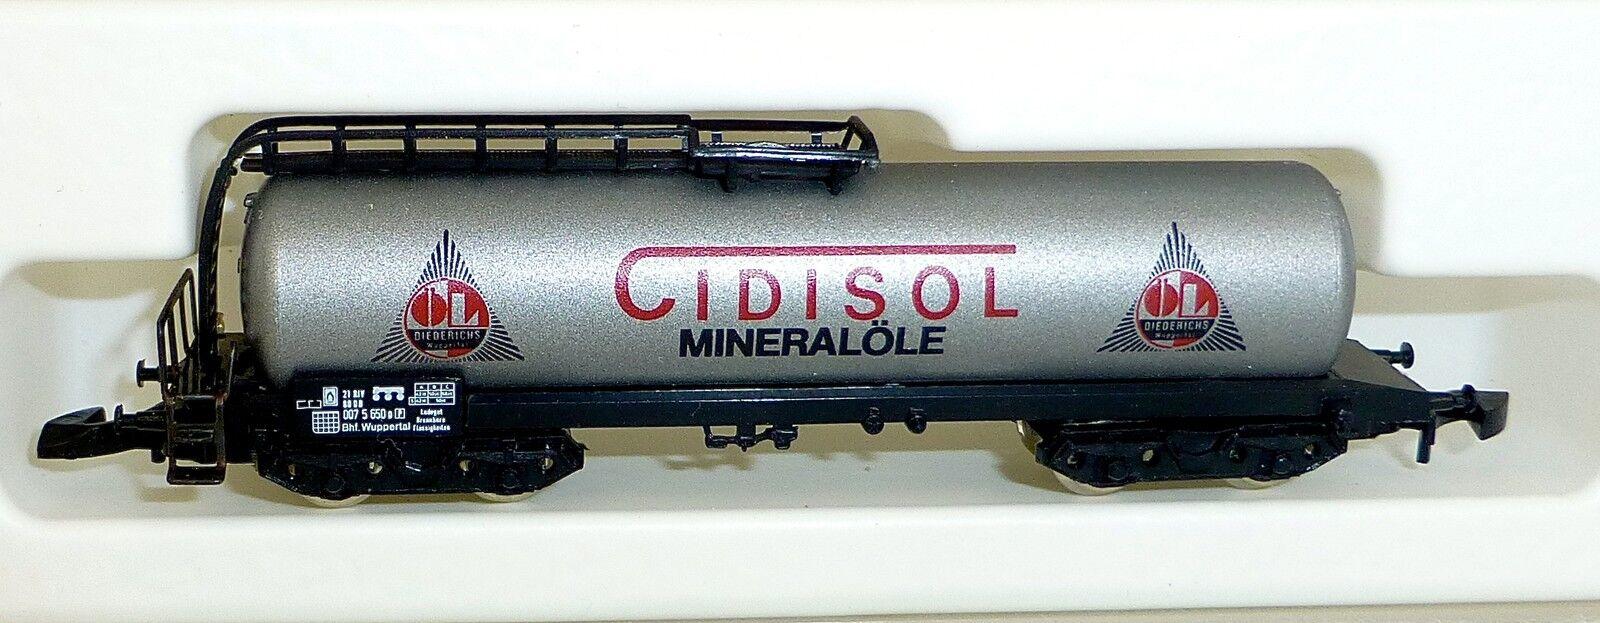 Cidisol Utilités les Wagons-Citernes Col  89707 Märklin 8626 Voie Z 1 220 439